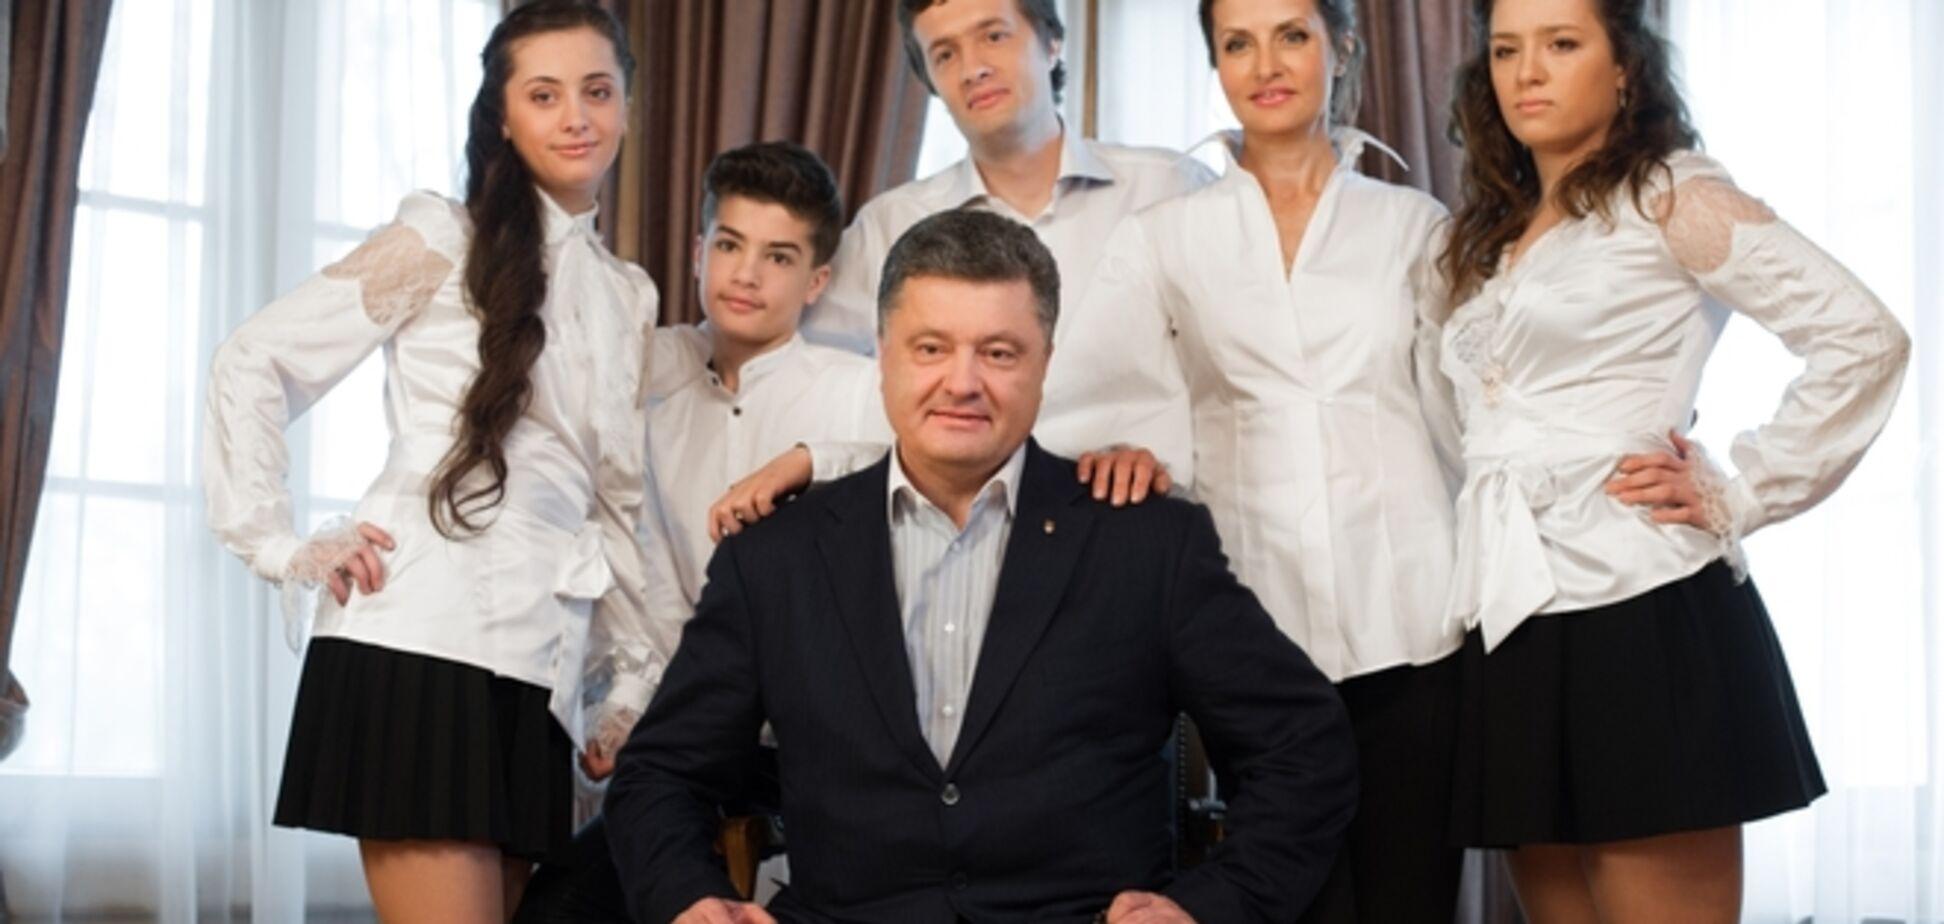 Дети Порошенко признались, что с отцом общаются лишь раз в неделю